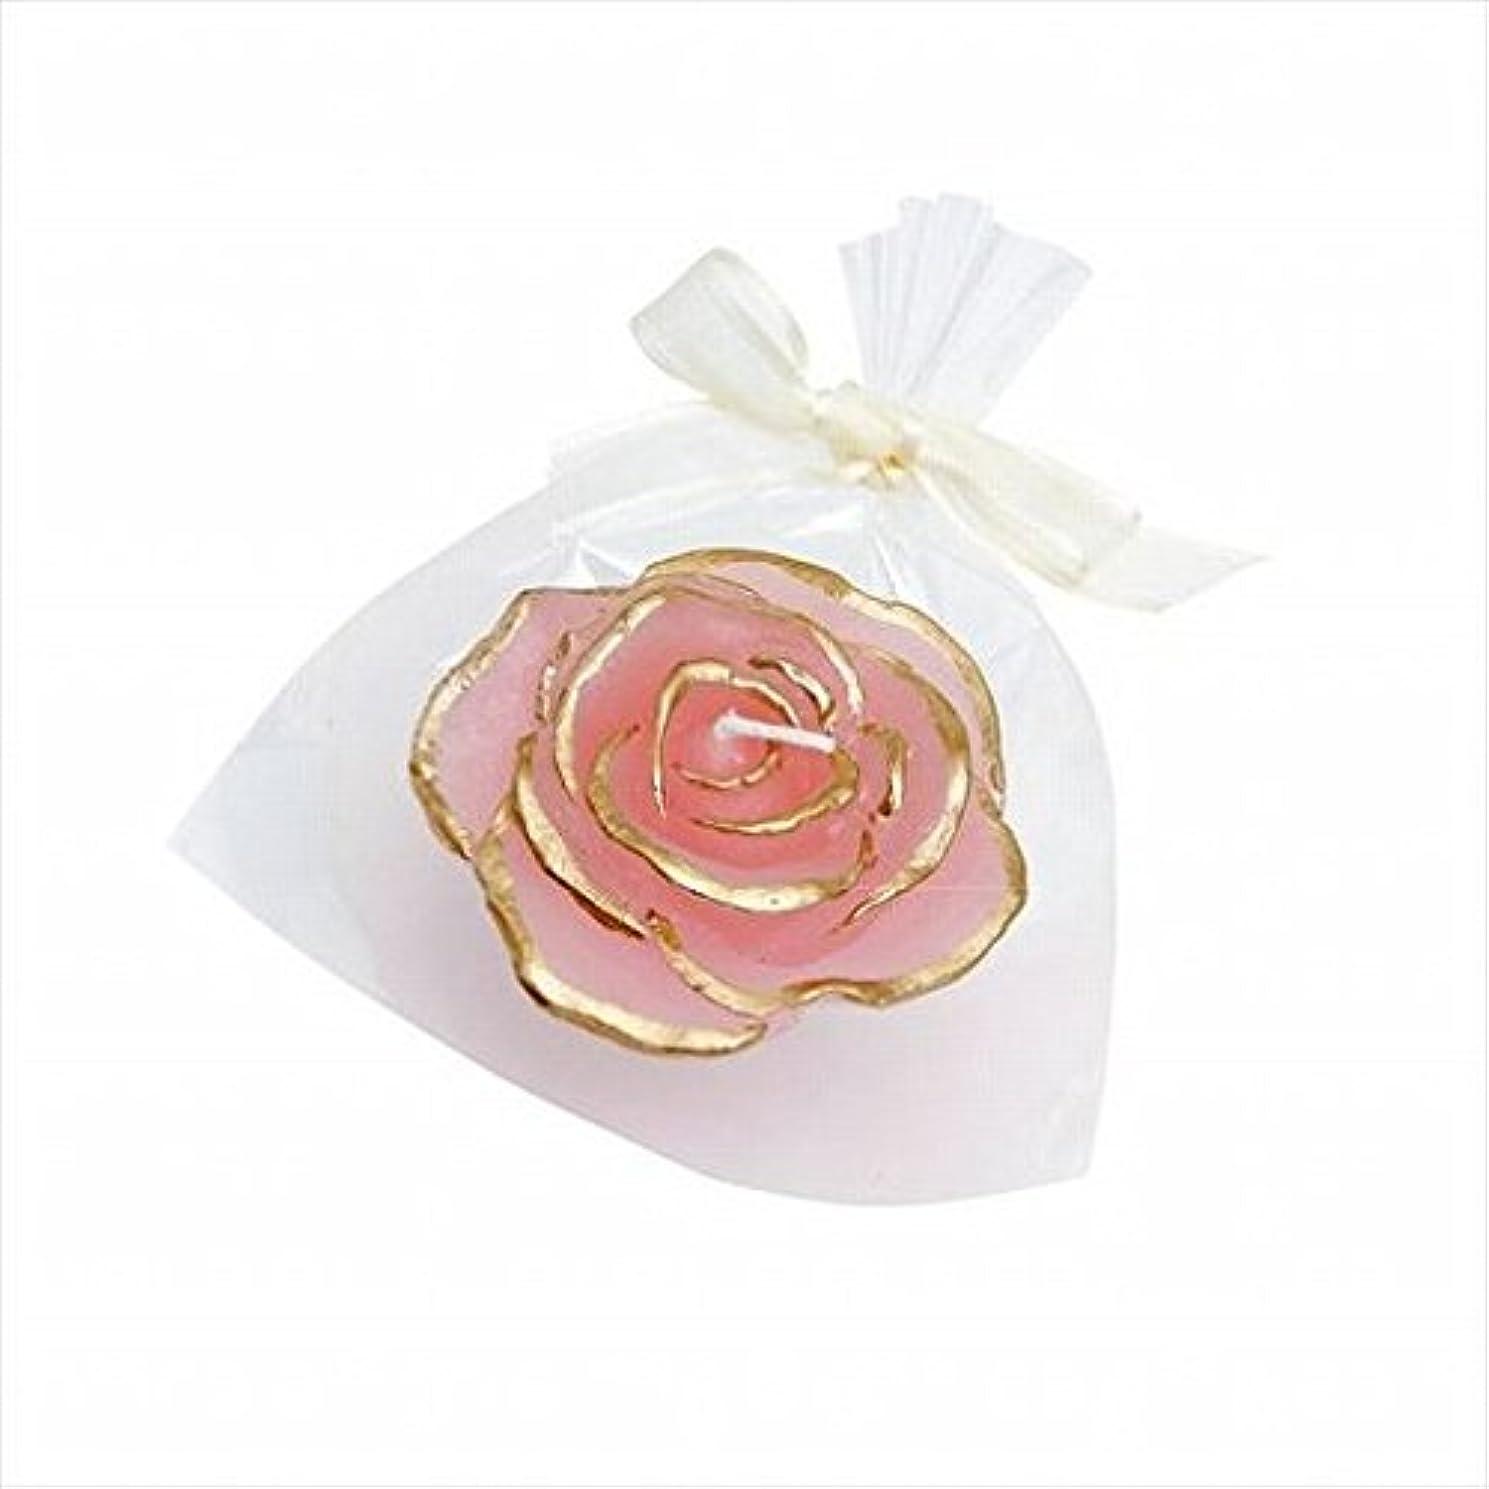 エンターテインメントインタラクション残り物kameyama candle(カメヤマキャンドル) プリンセスローズ 「 ピンク 」(A6390500PK)